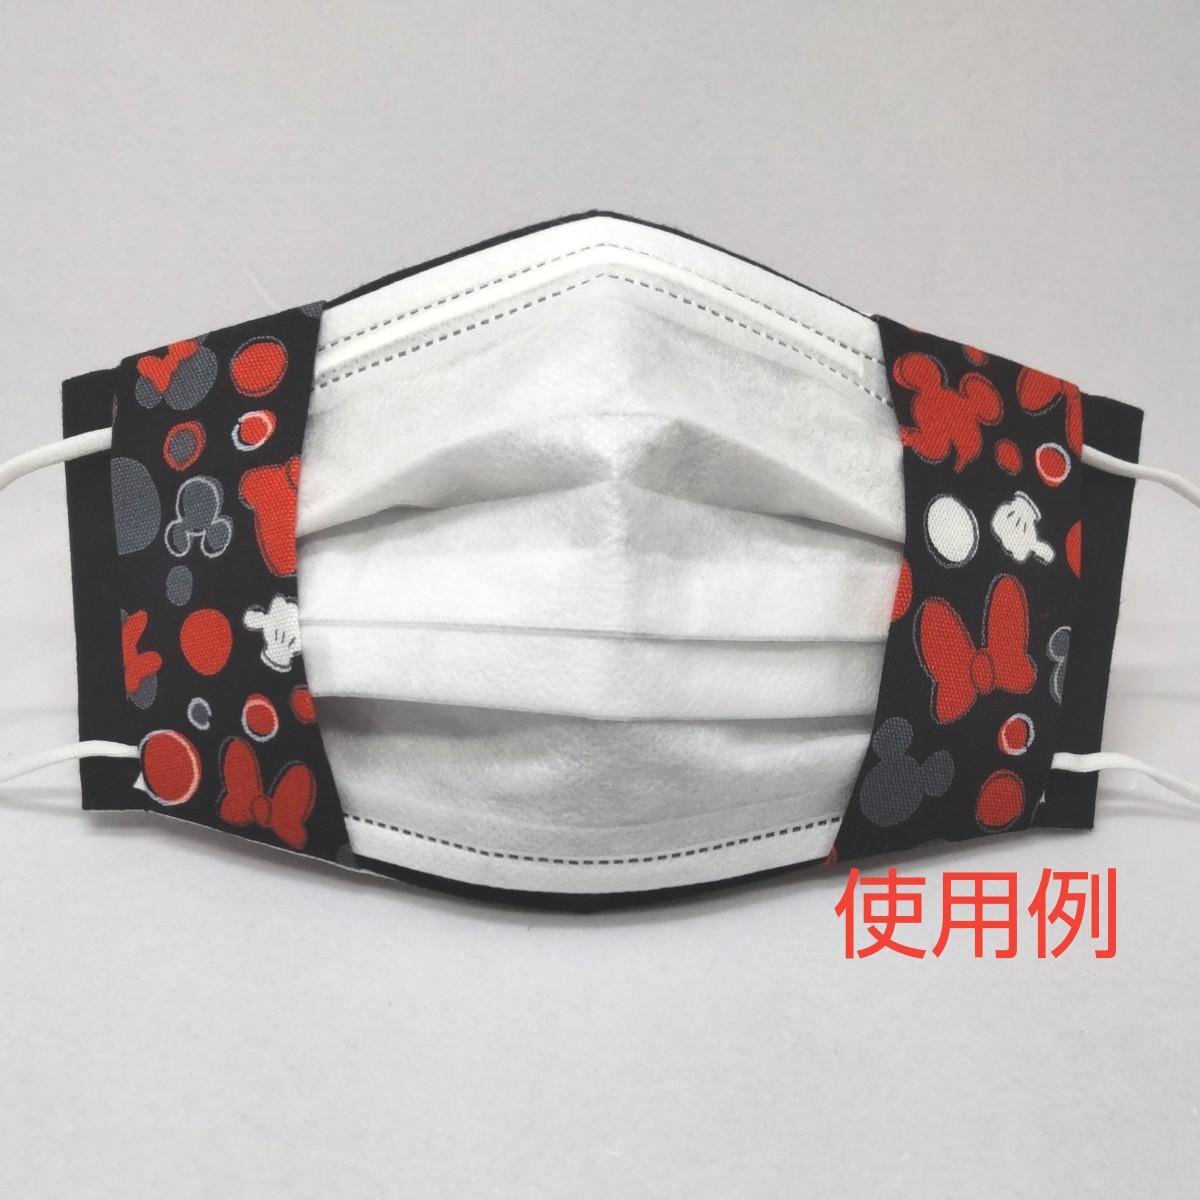 【専用】立体カバー立体インナー ハンドメイド ハロウィン 赤 2wayタイプ